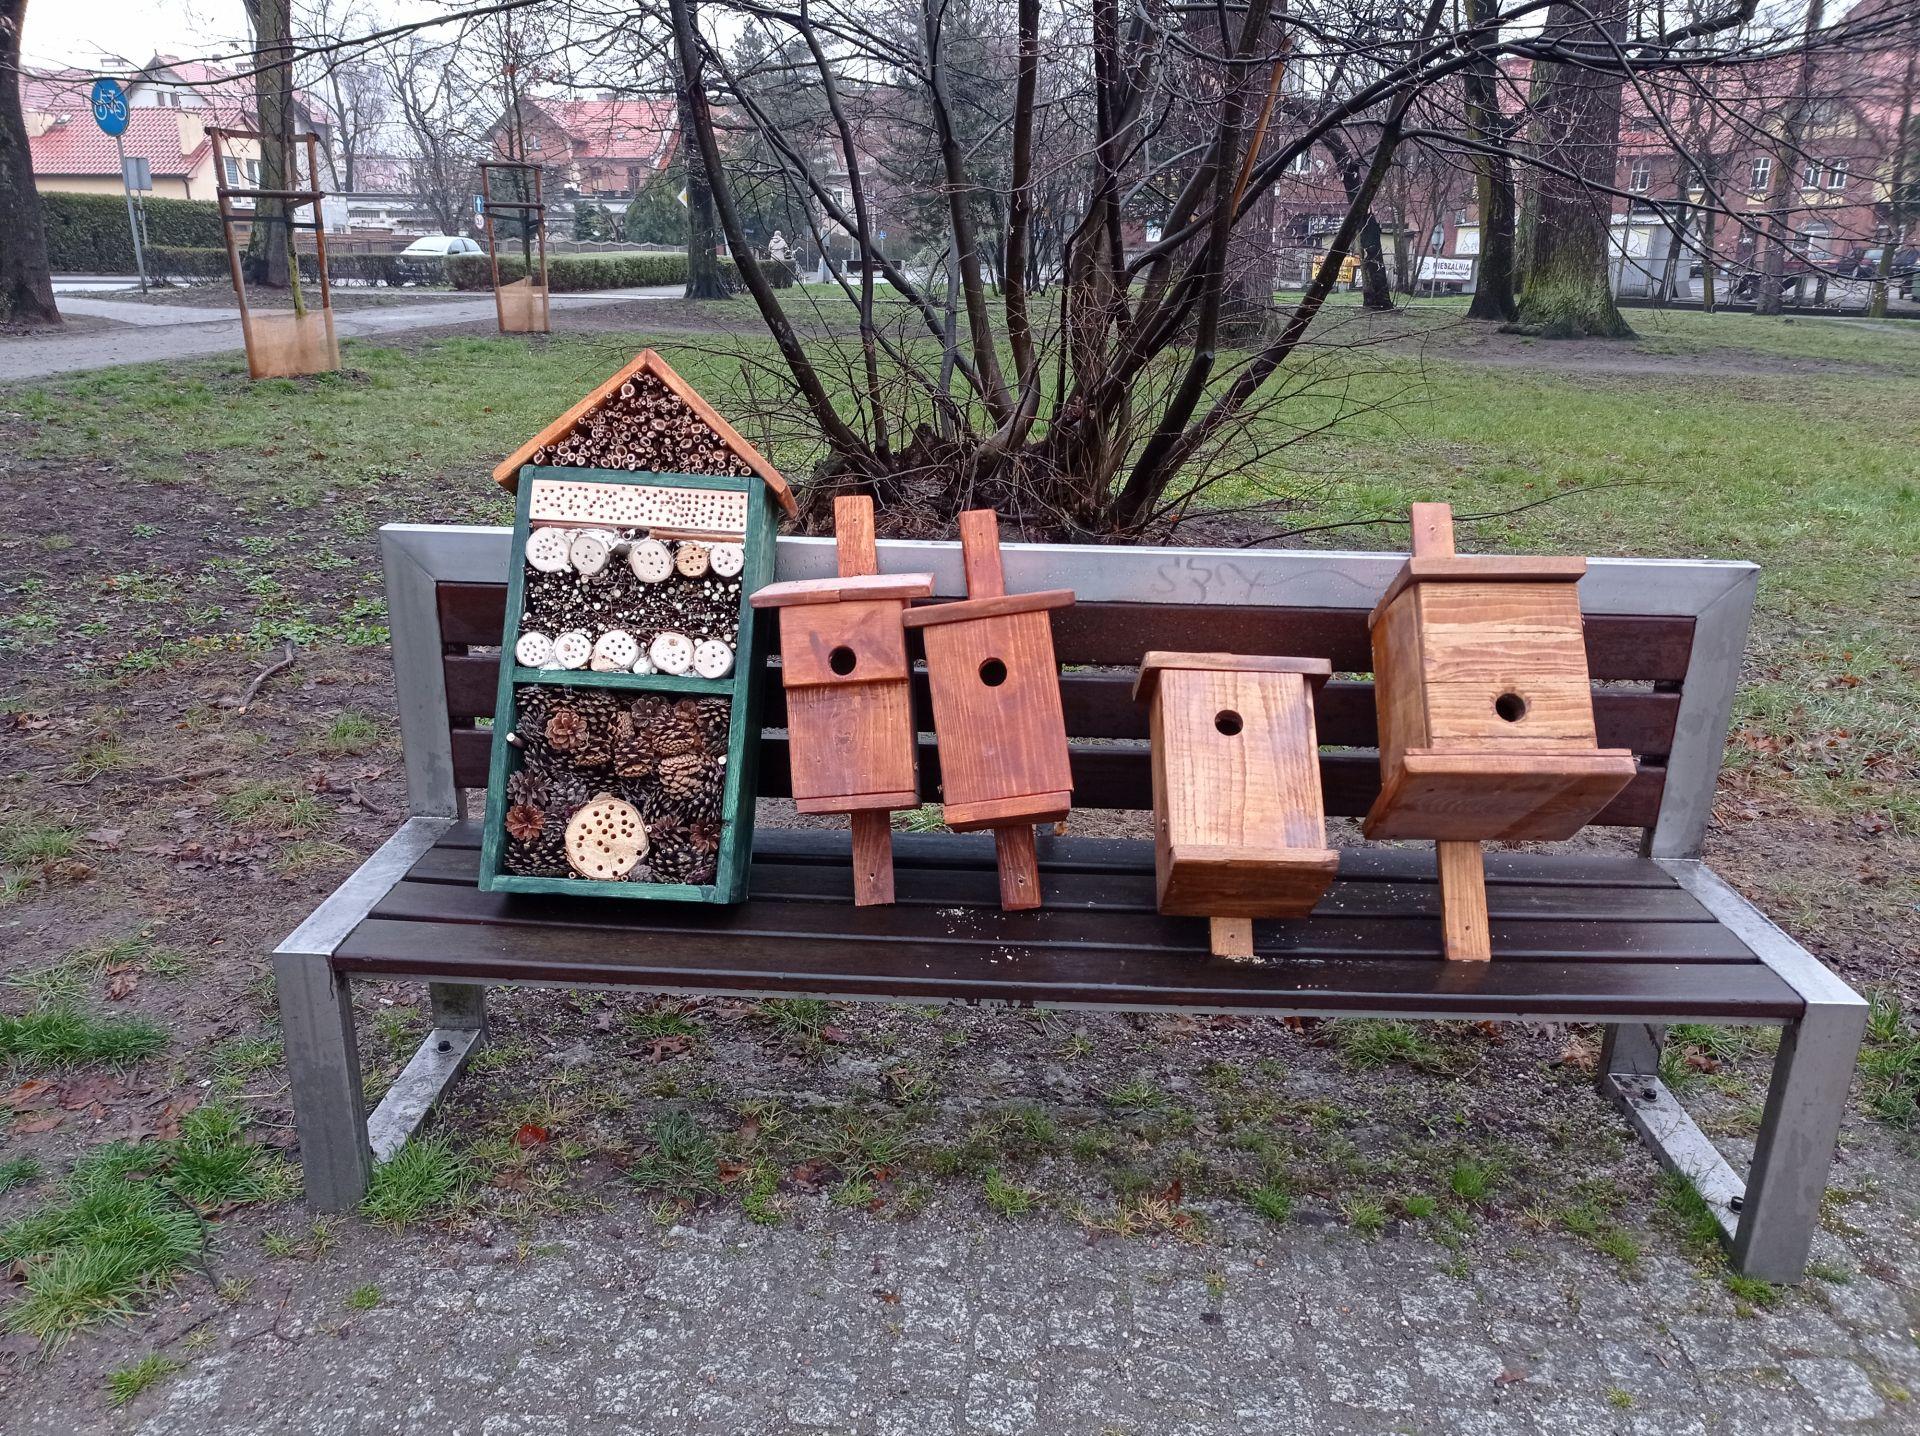 budki lęgowe i domki drewniane dla owadów leżące na ławce